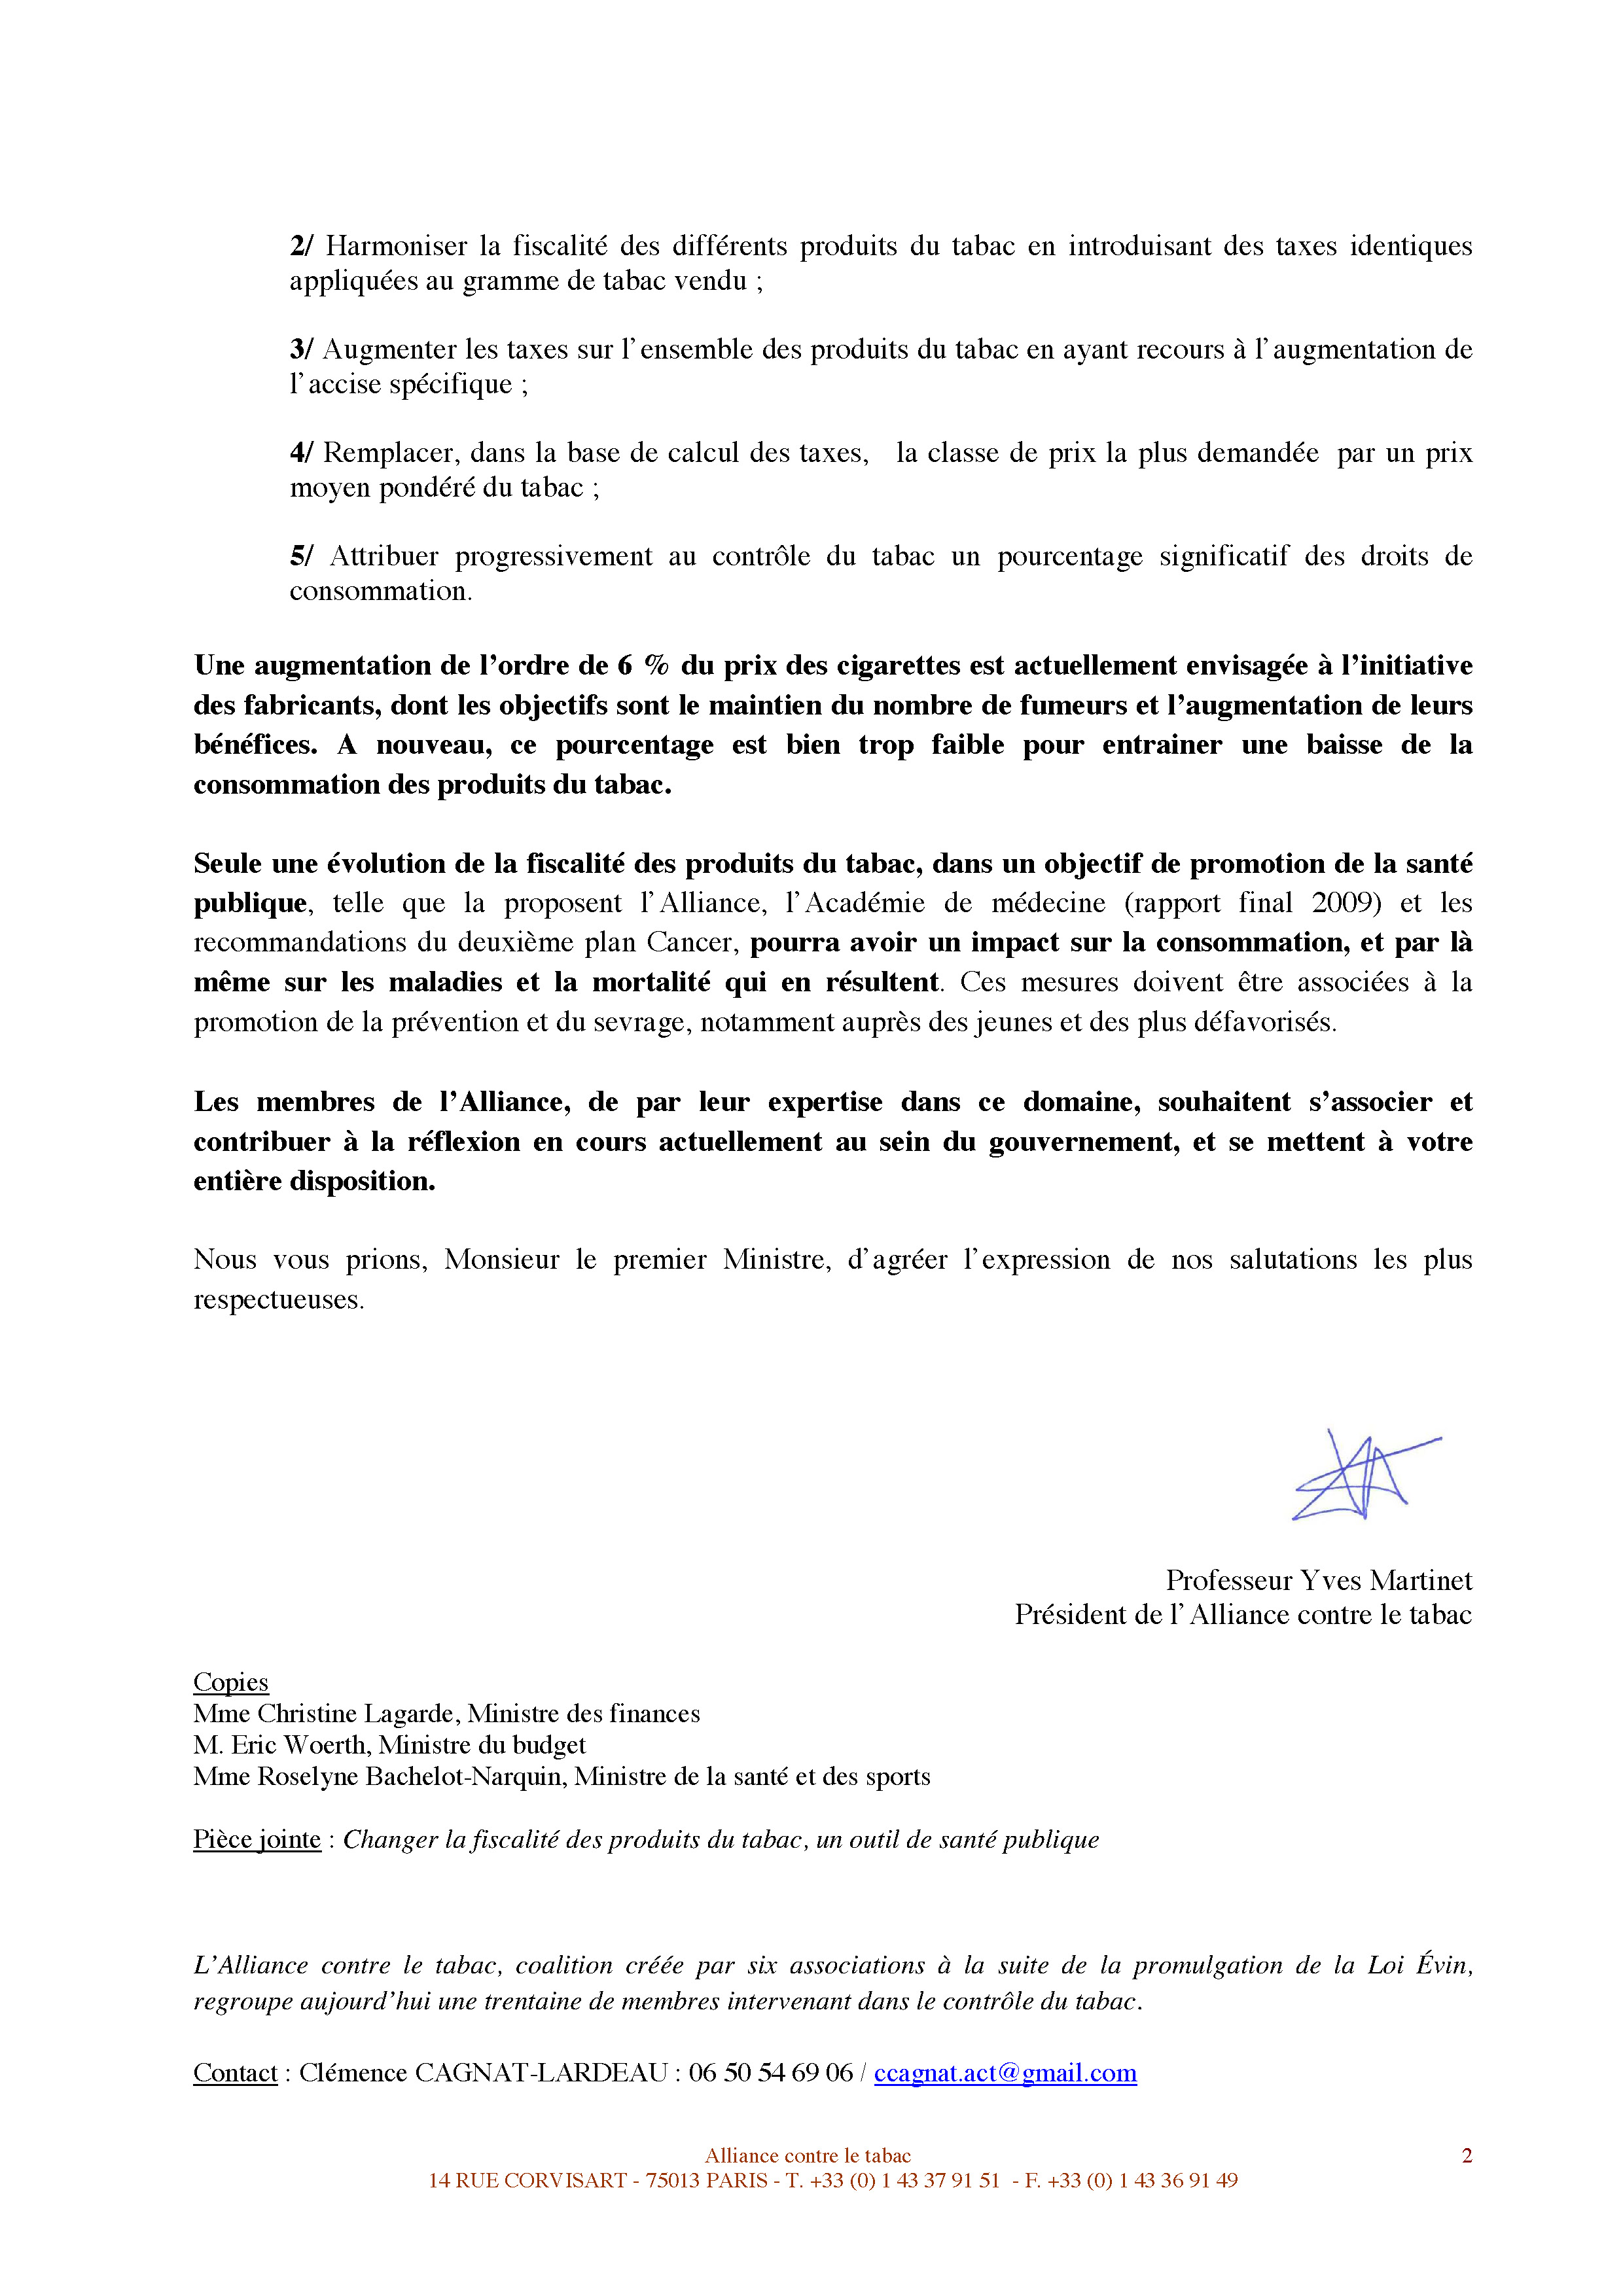 Alliance-CP_changer-la-fiscalite-des-produits-du-tabac-18sept2009_Page_2.jpg